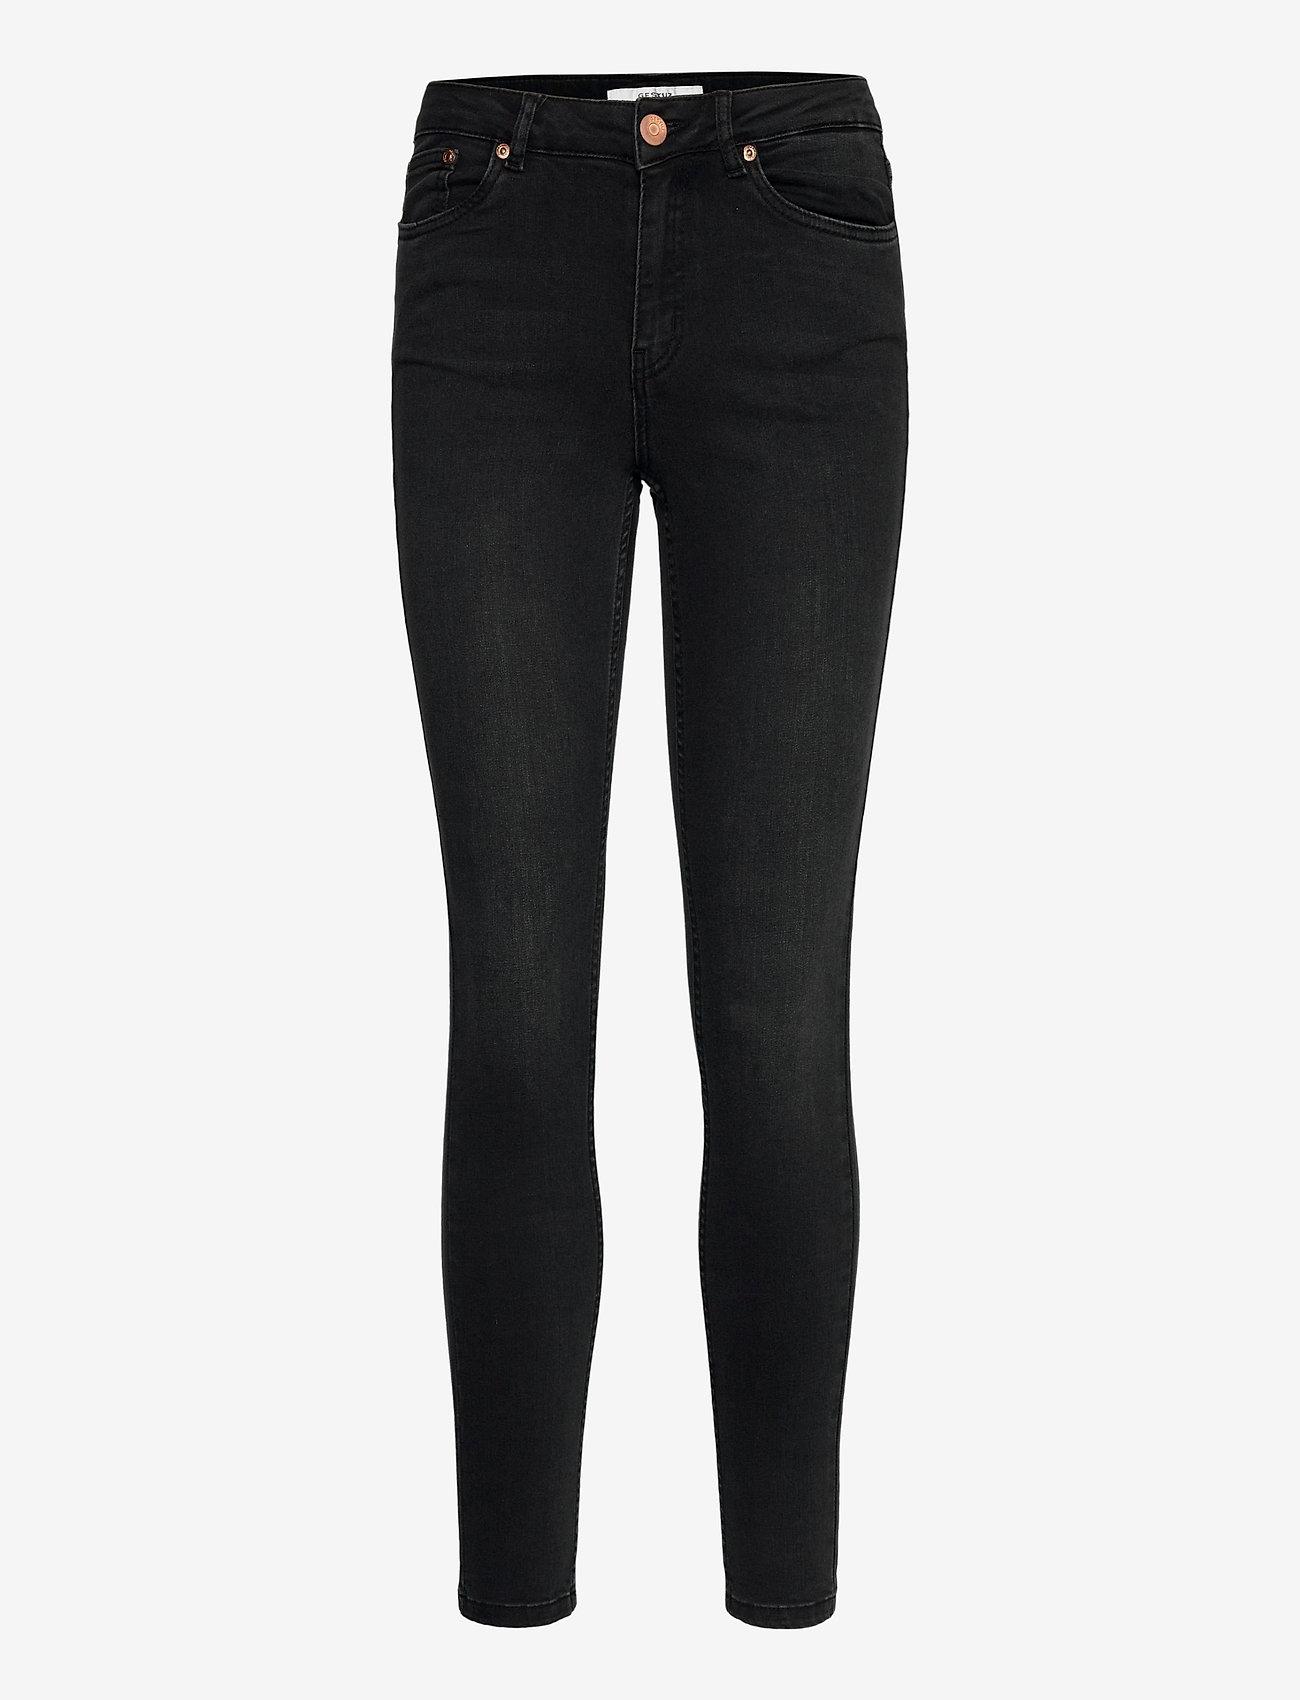 Gestuz - MaggieGZ Jeans NOOS - skinny farkut - charcoal grey - 1